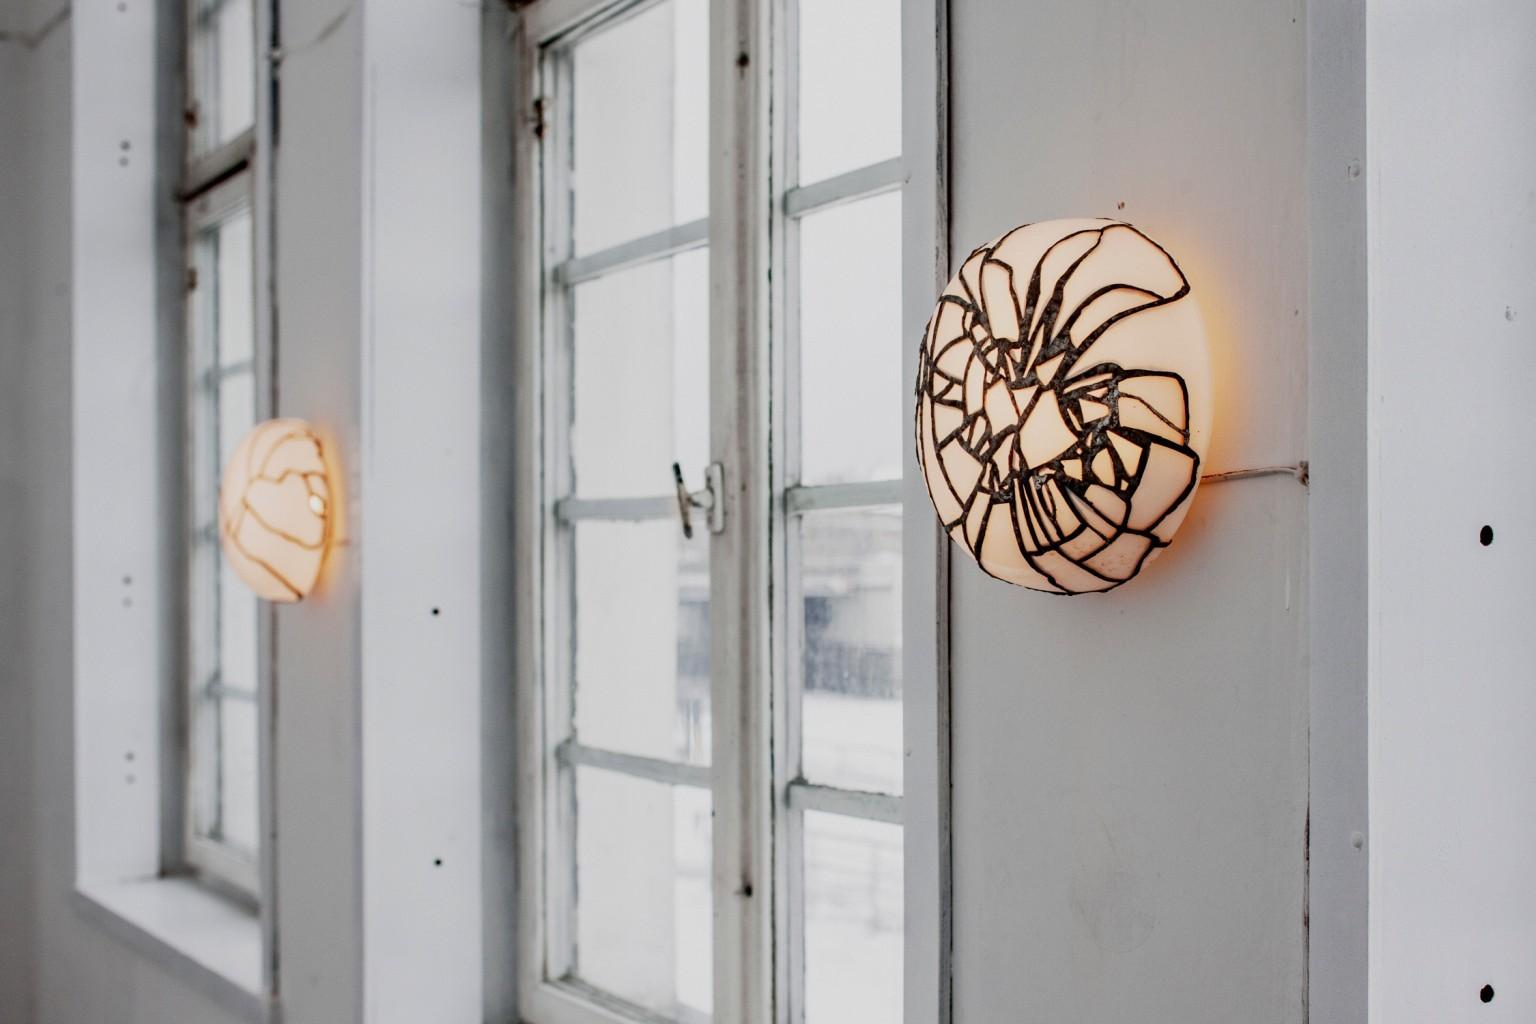 """Rafał Bujnowski, zserii """"Lampy"""", 2013, dzięki uprzejmości Gdańskiej Galerii Miejskiej"""